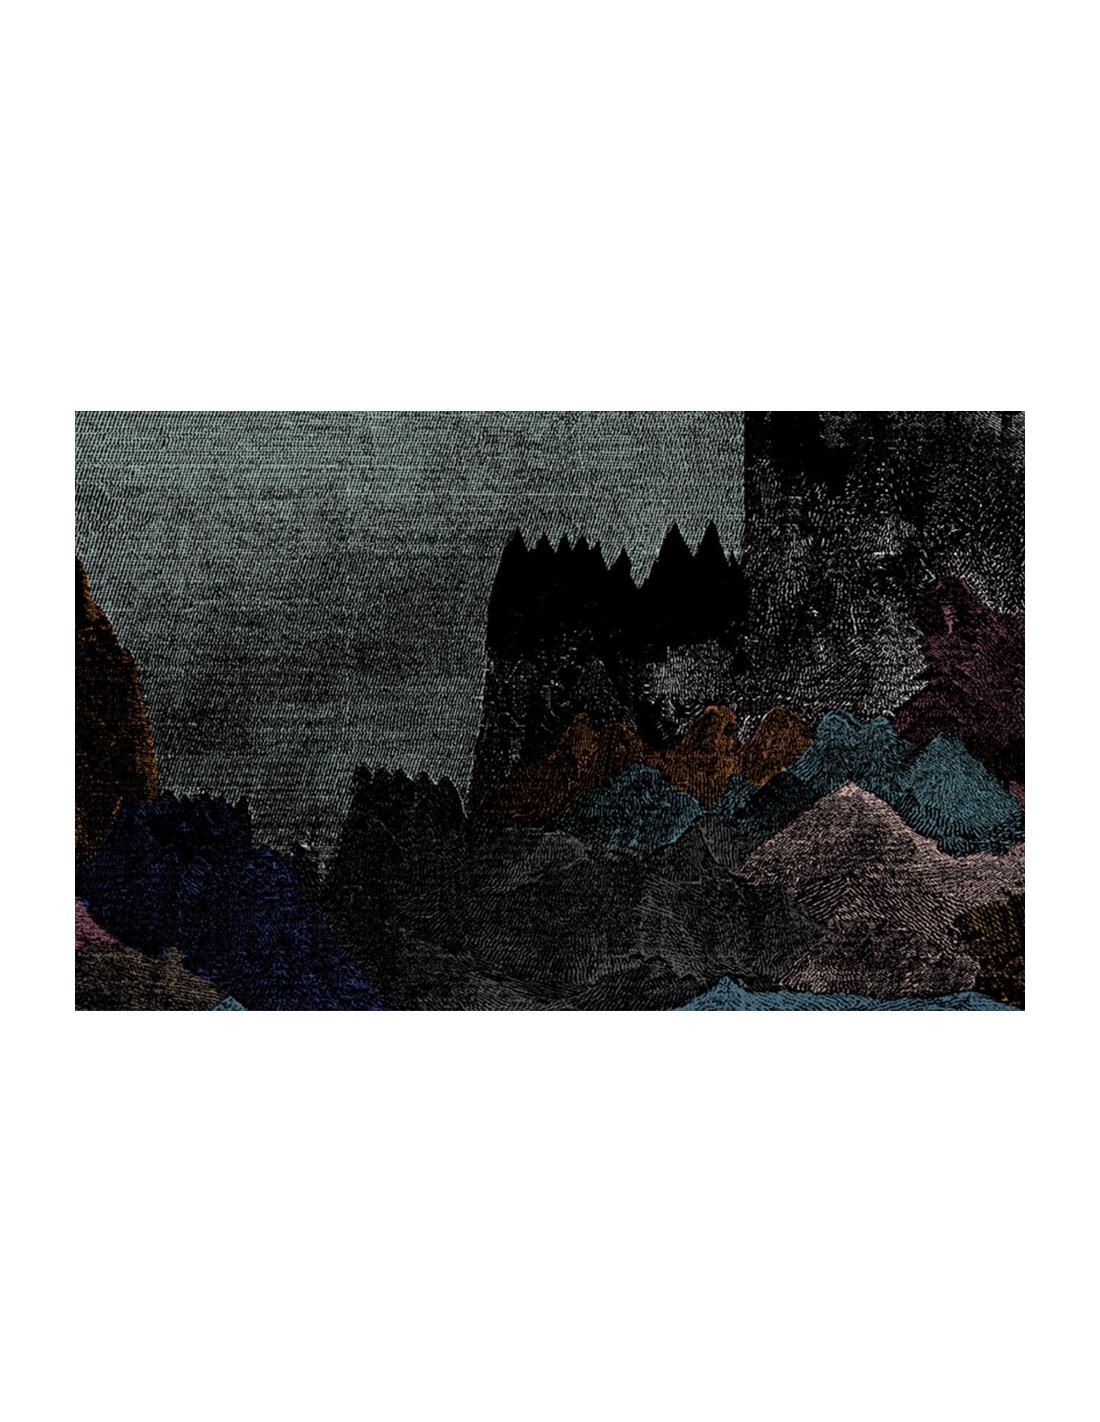 Papier peint design intiss carpates d co mystique et - Poser papier peint intisse ...